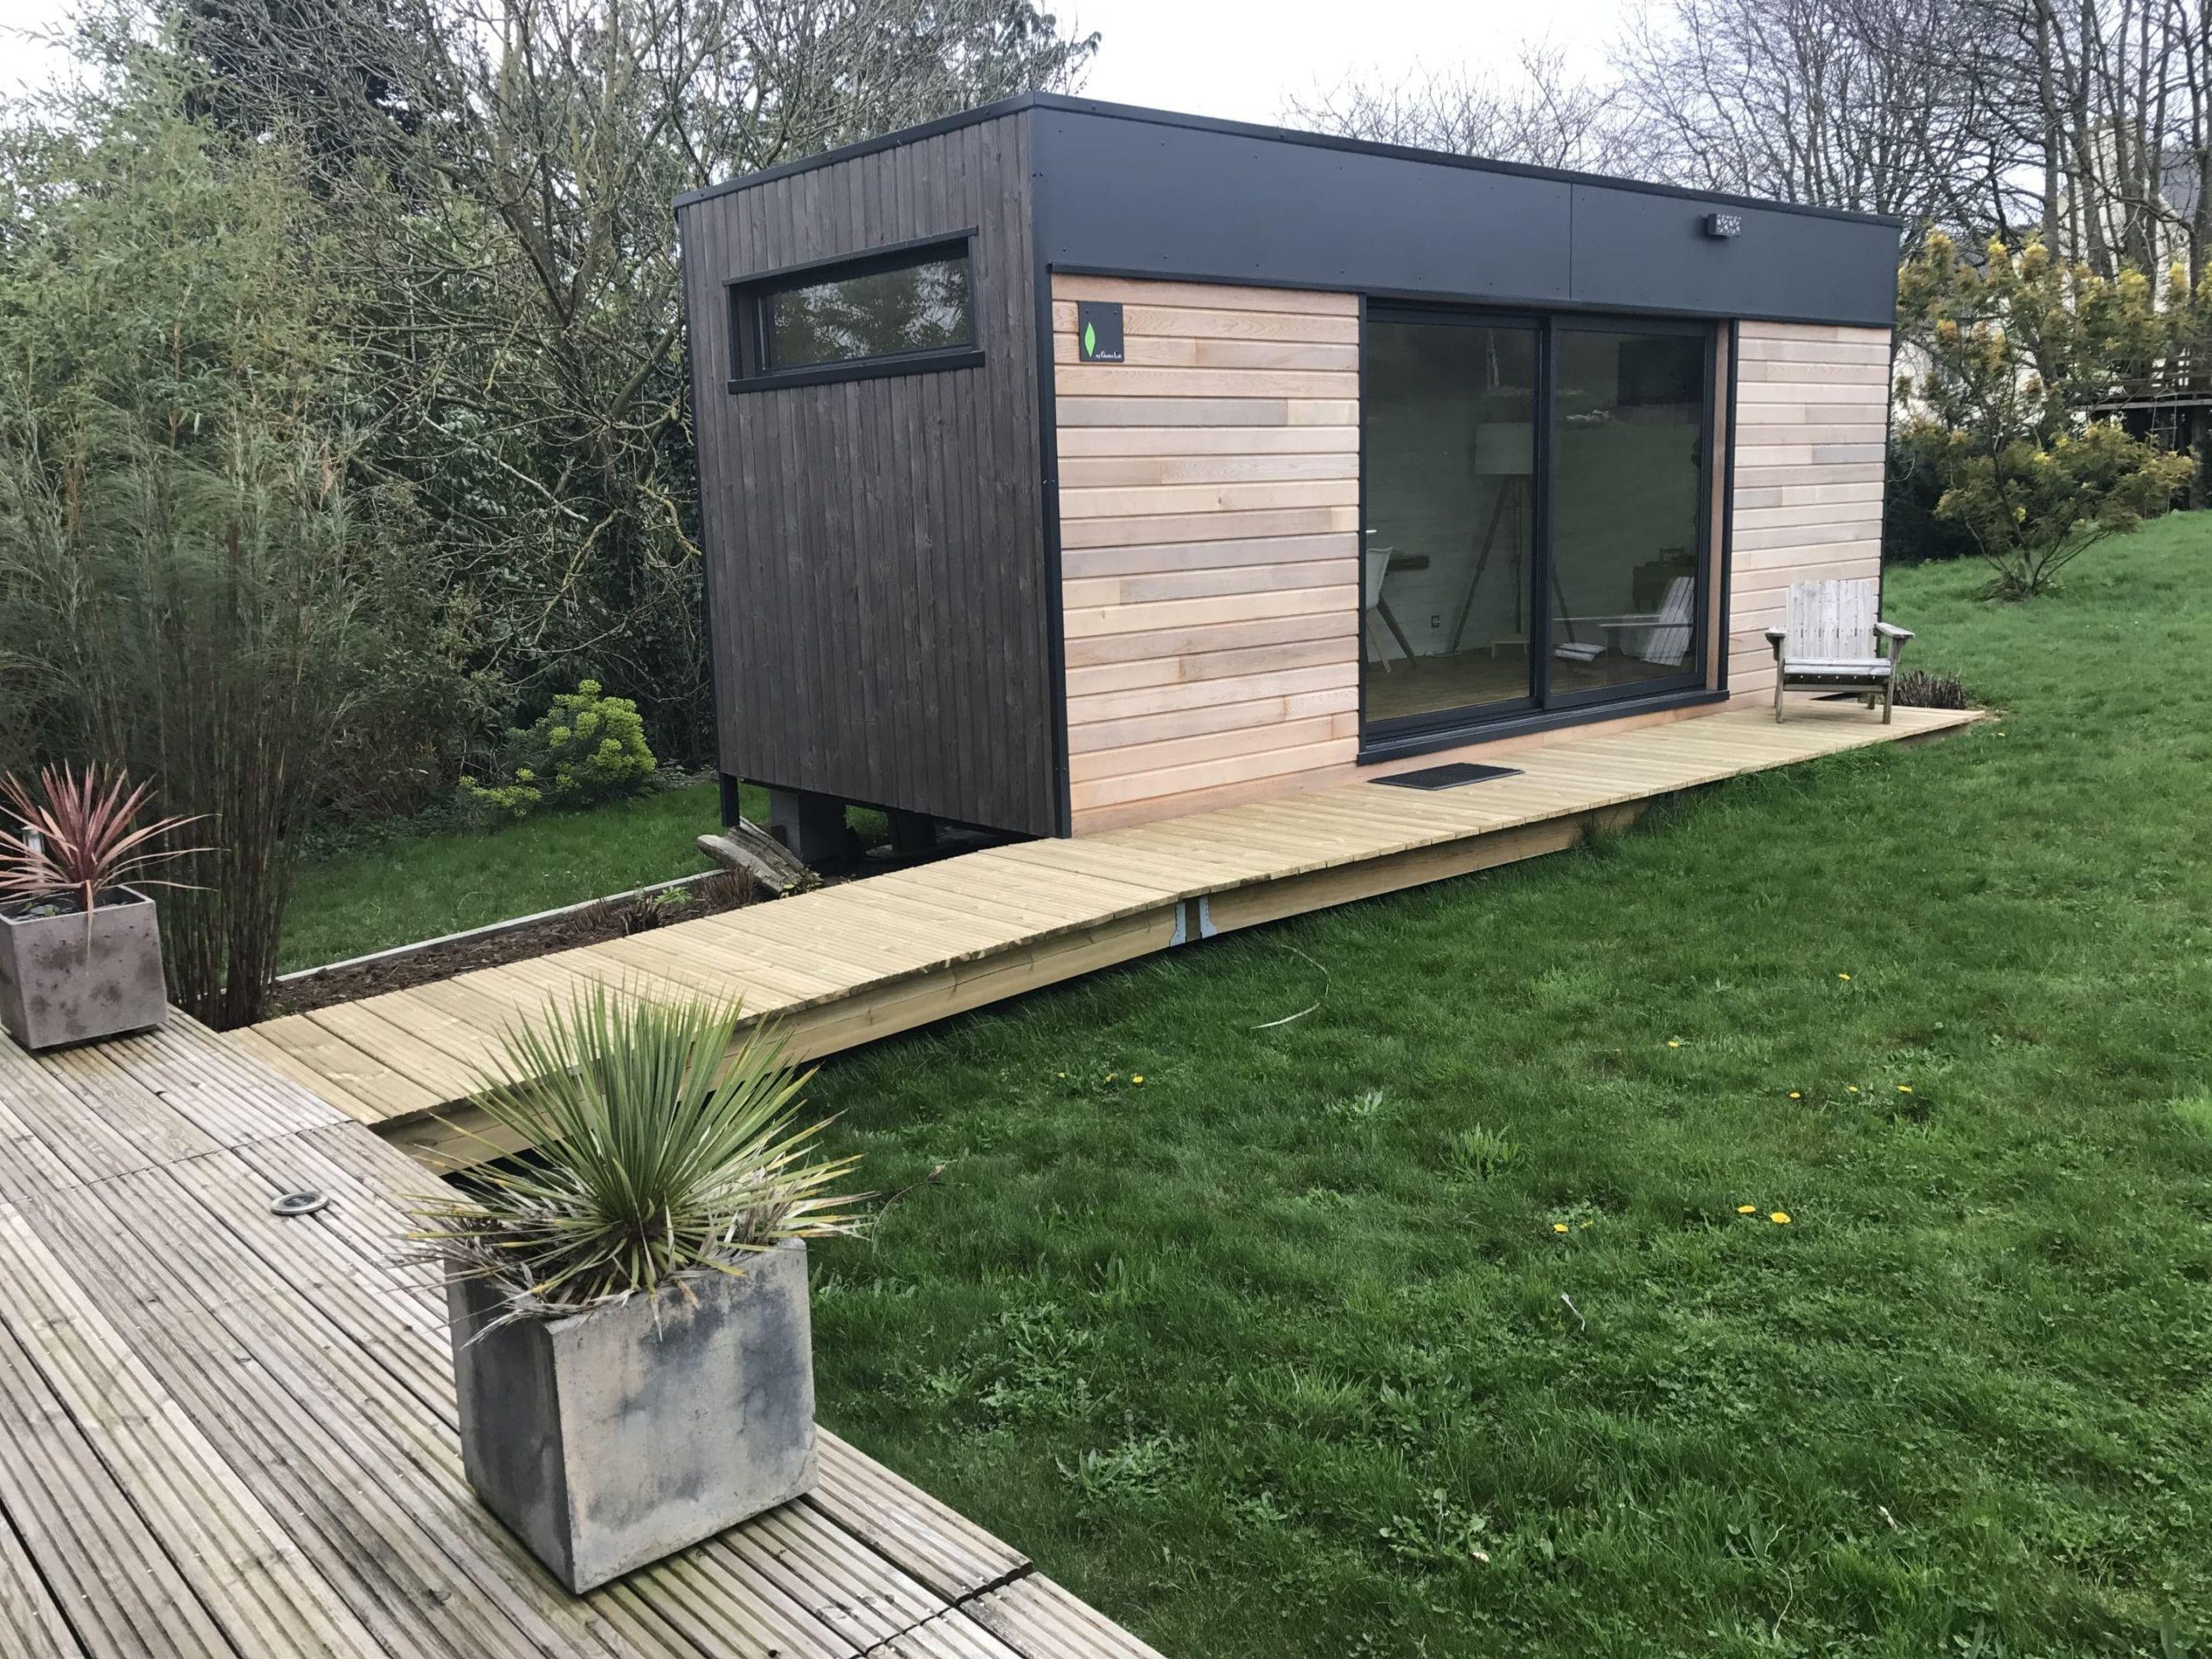 Chalet de jardin design – 20m2 – Plouenan